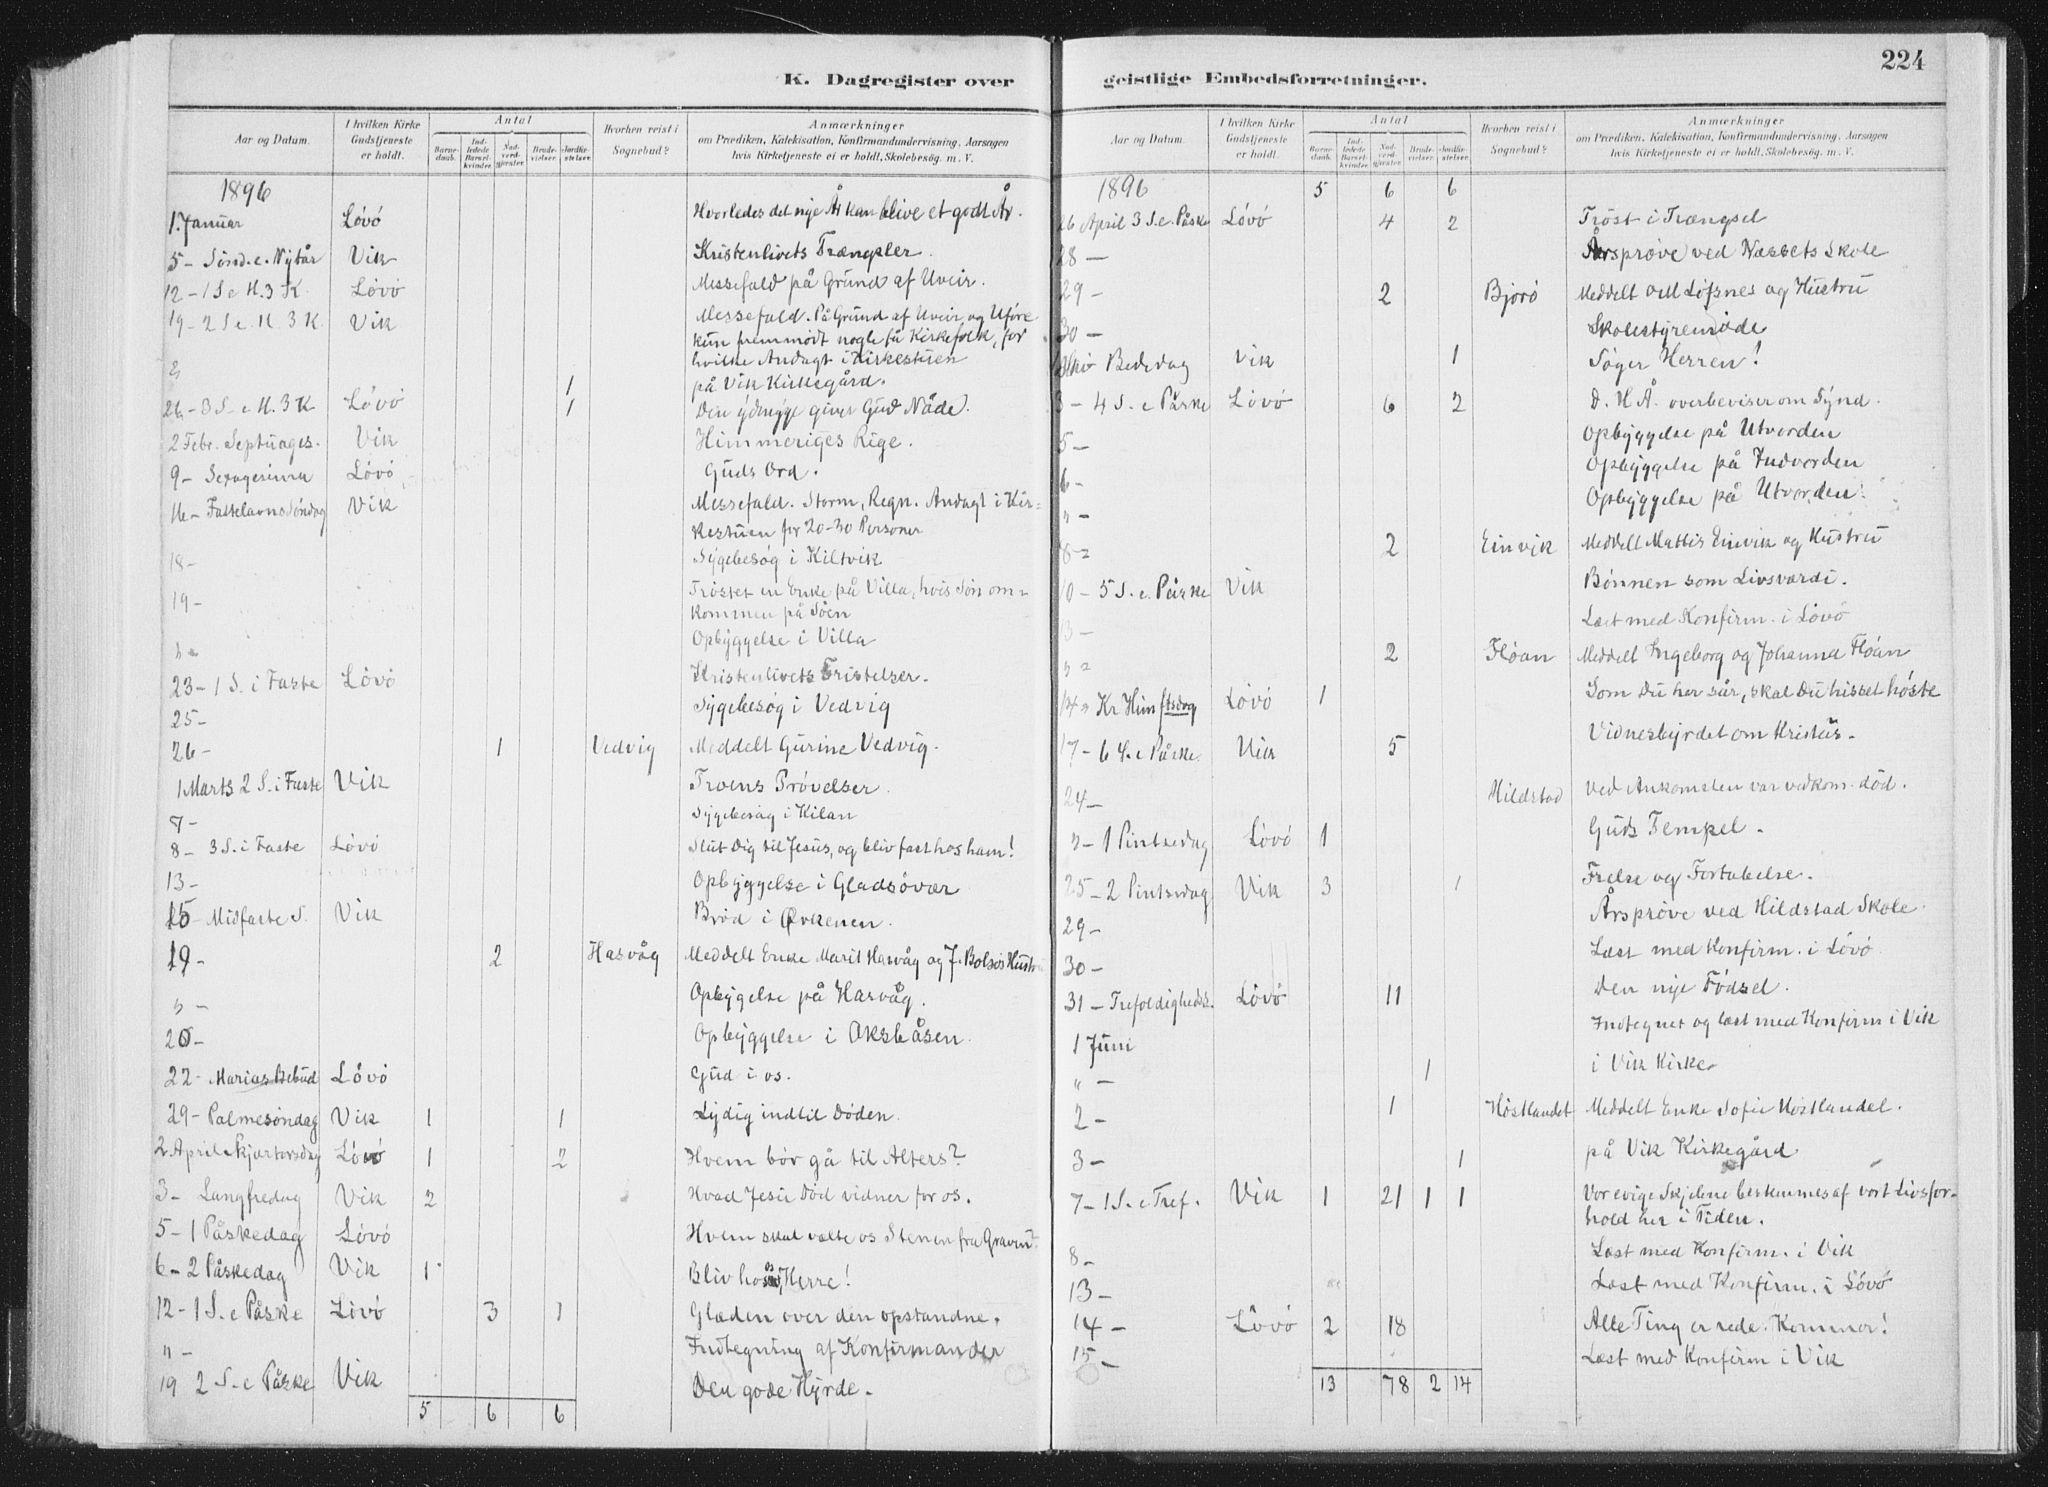 SAT, Ministerialprotokoller, klokkerbøker og fødselsregistre - Nord-Trøndelag, 771/L0597: Ministerialbok nr. 771A04, 1885-1910, s. 224